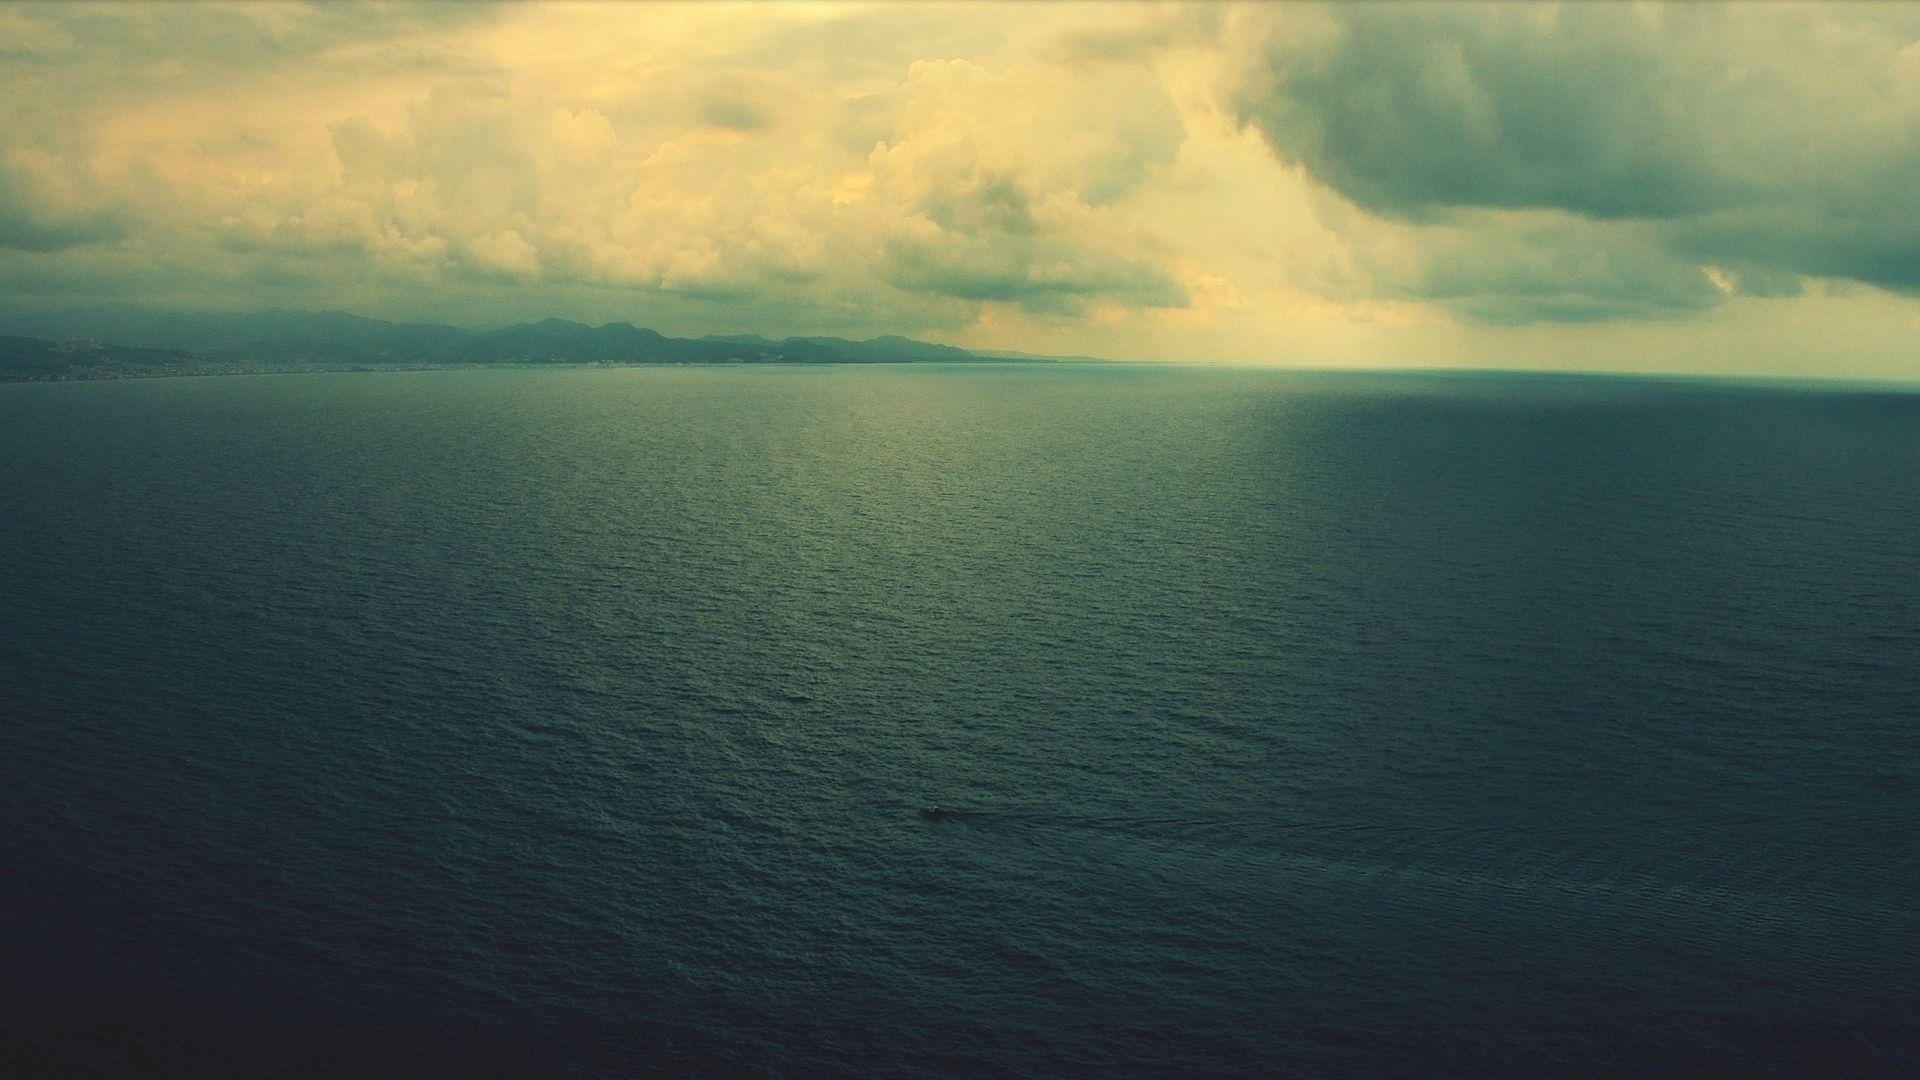 25970 免費下載壁紙 景观, 海, 云 屏保和圖片